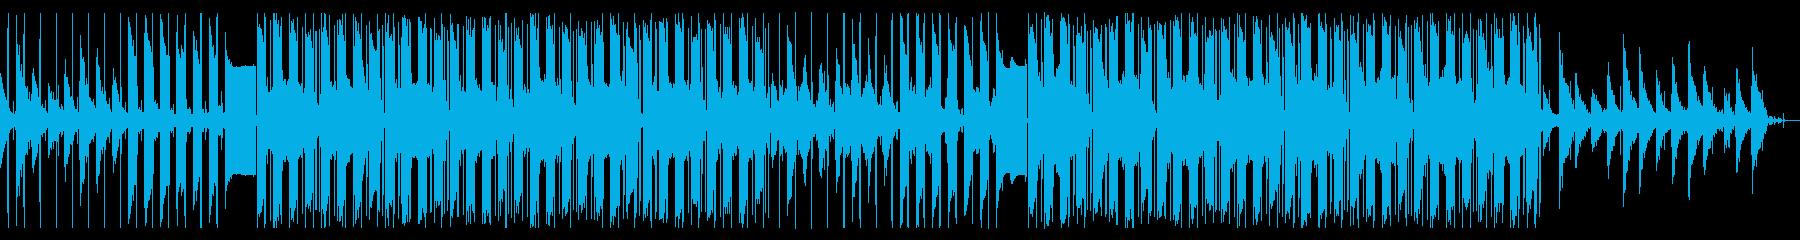 サックスソロのチル・ヒップホップの再生済みの波形